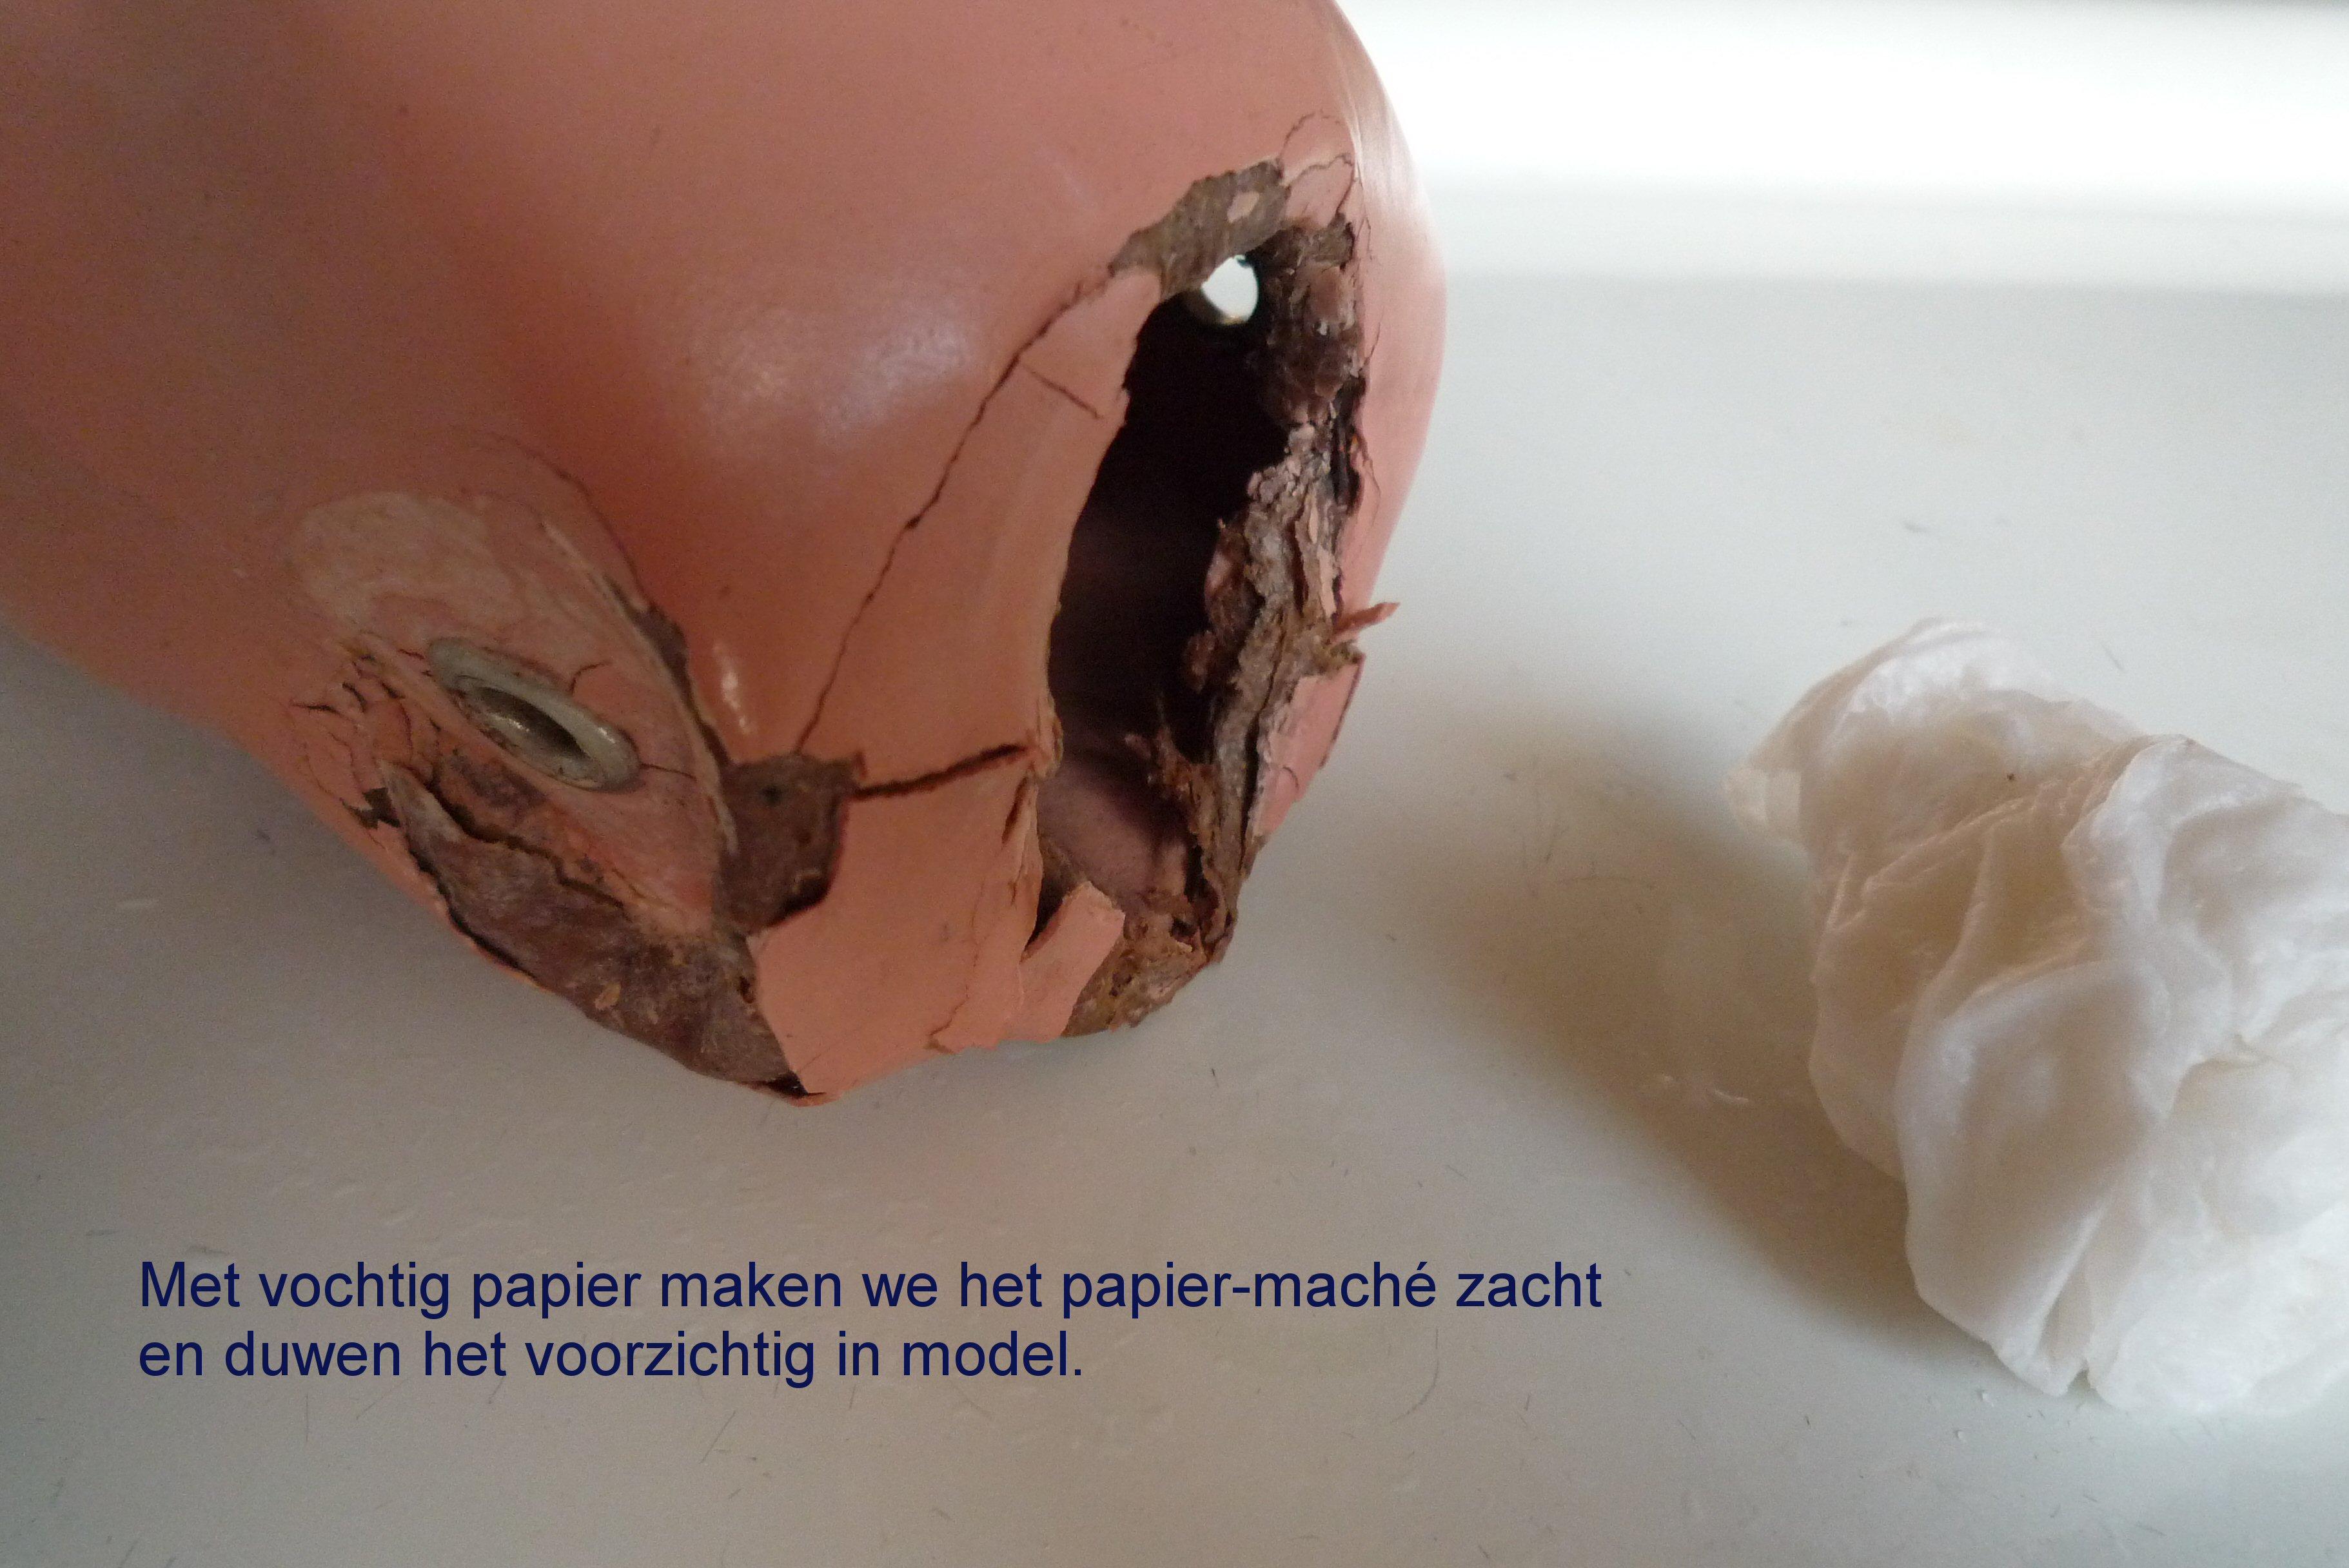 https://welkepopisdat.nl/afbeeldingen-Forum/DurvinaFotos/Bregje%20(9).JPG